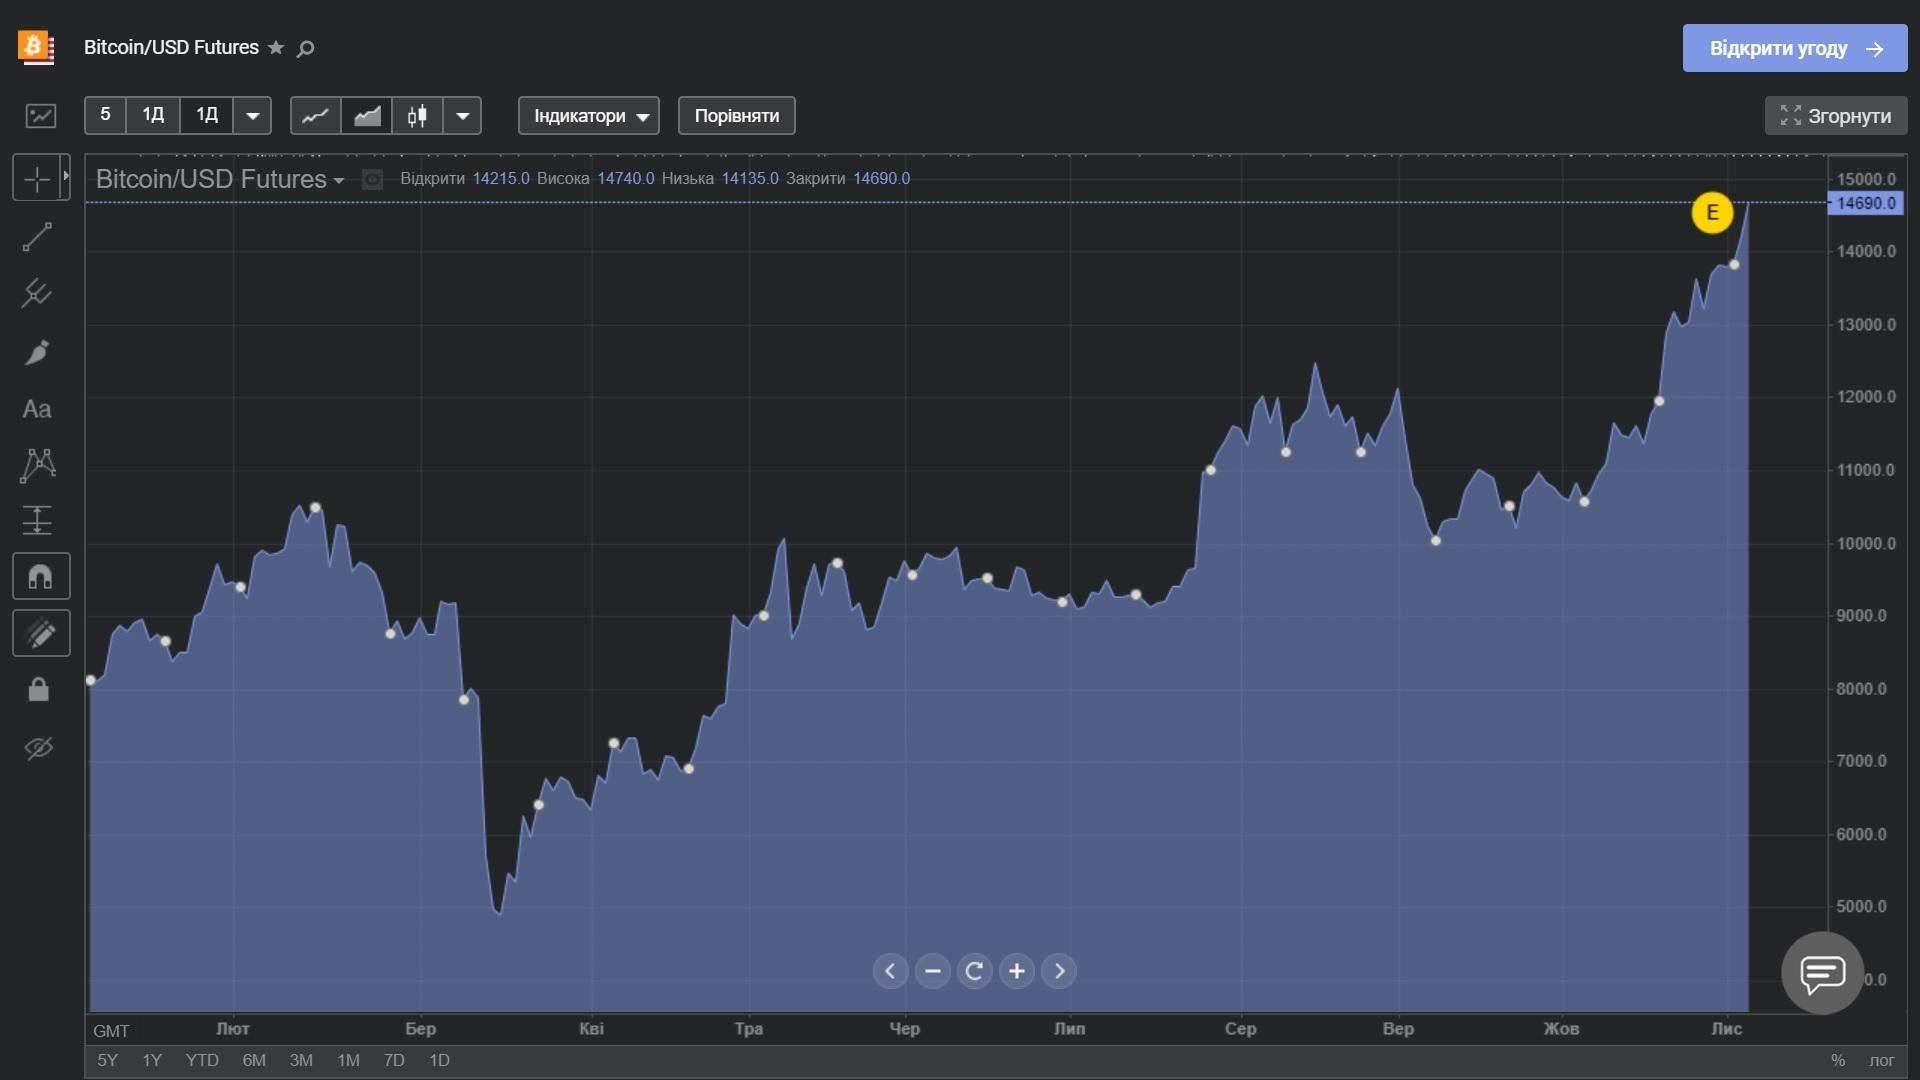 Графік ціни біткойна з початку року